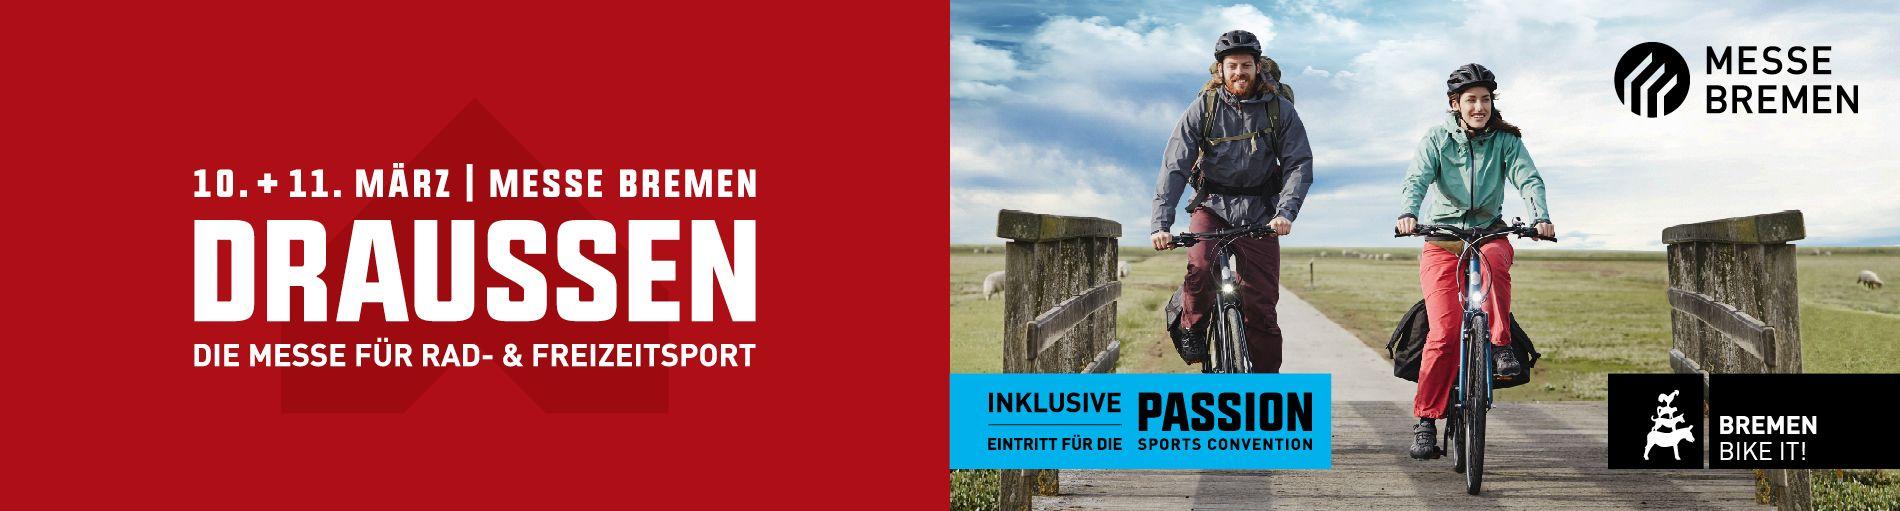 Ein Werbebild mit zwei Radfahrern für die Messe Draussen und Passion